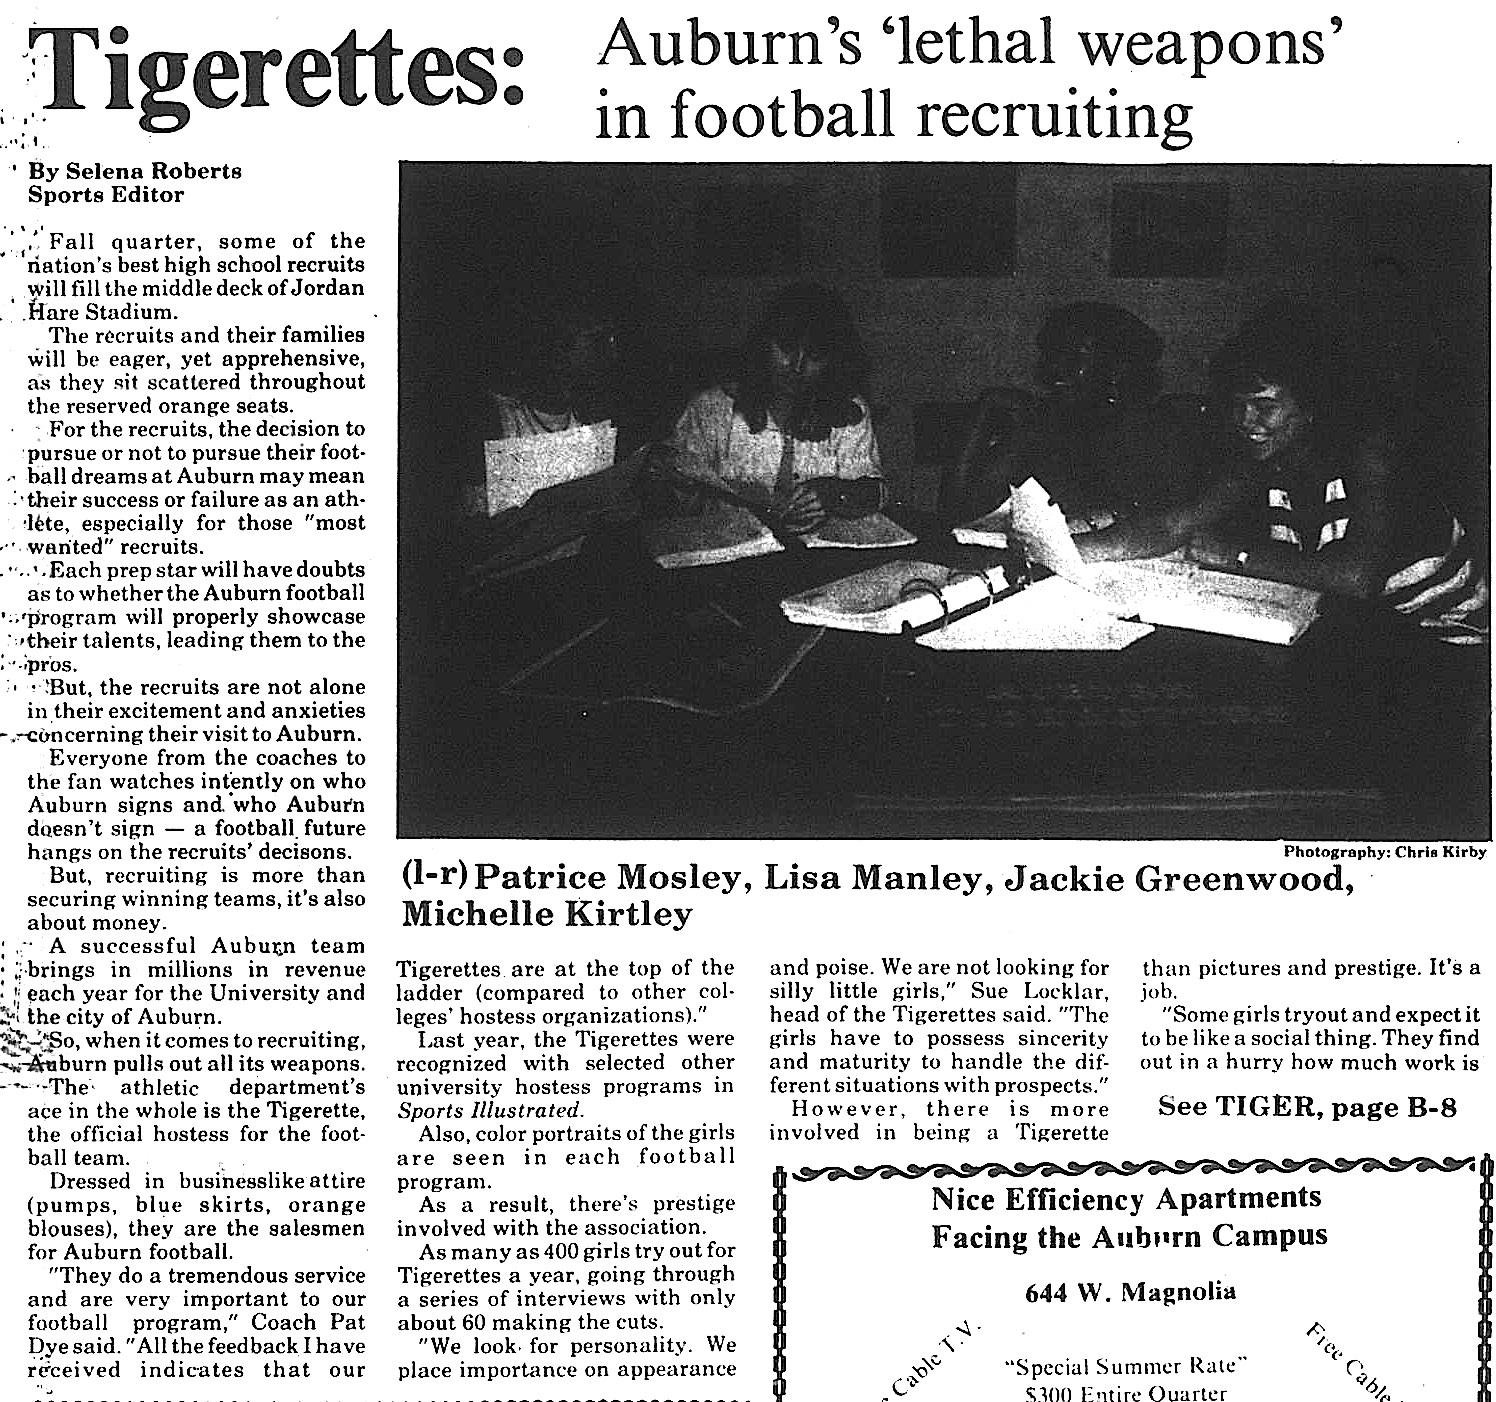 selena roberts tigerettes 1 6.2.1988